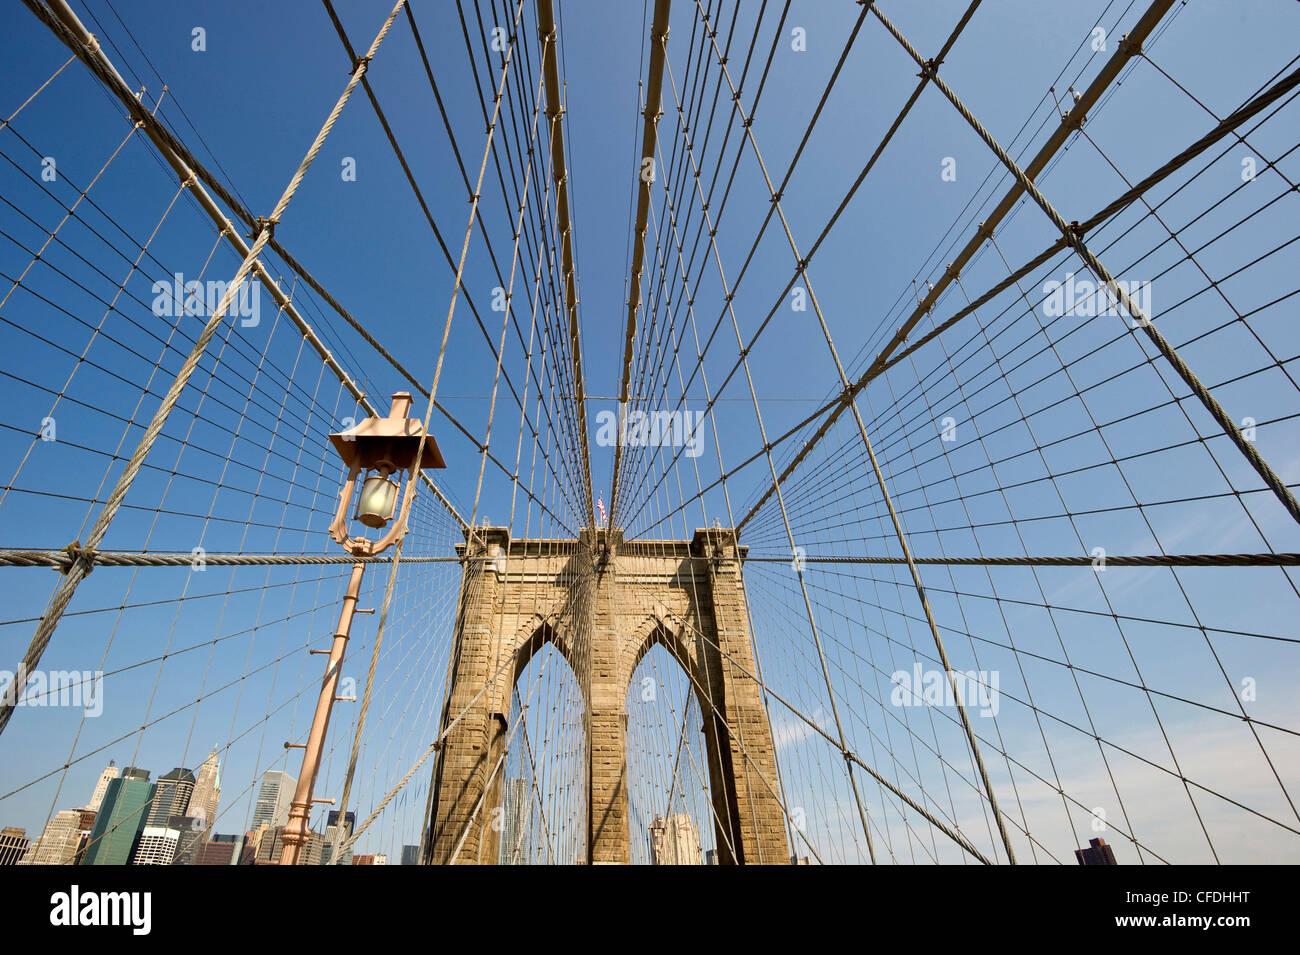 Puente de Brooklyn en la luz del sol, Manhattan, Nueva York, Estados Unidos, América Imagen De Stock